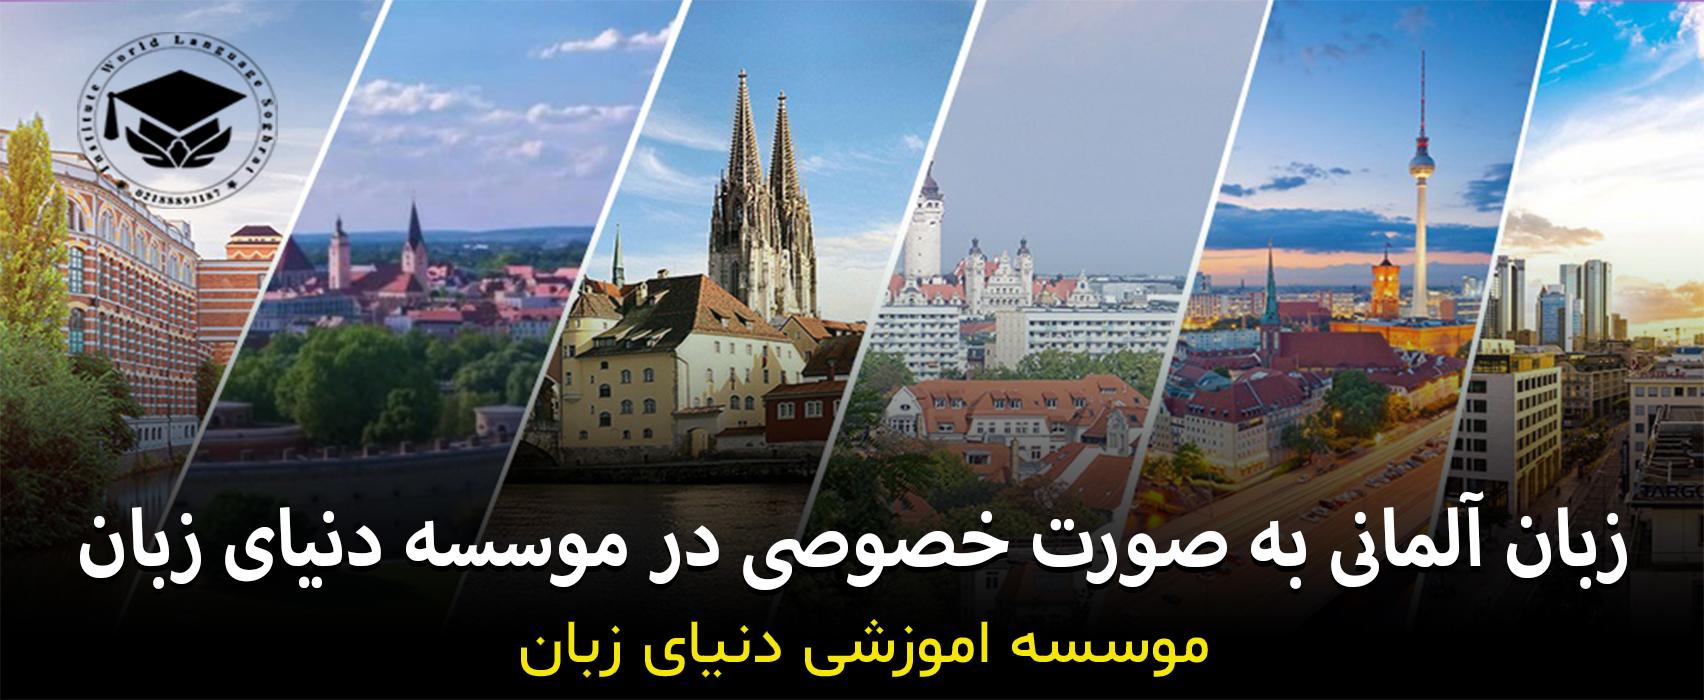 تدریس خصوصی زبان آلمانی در سعادت آباد یا شهرک غرب